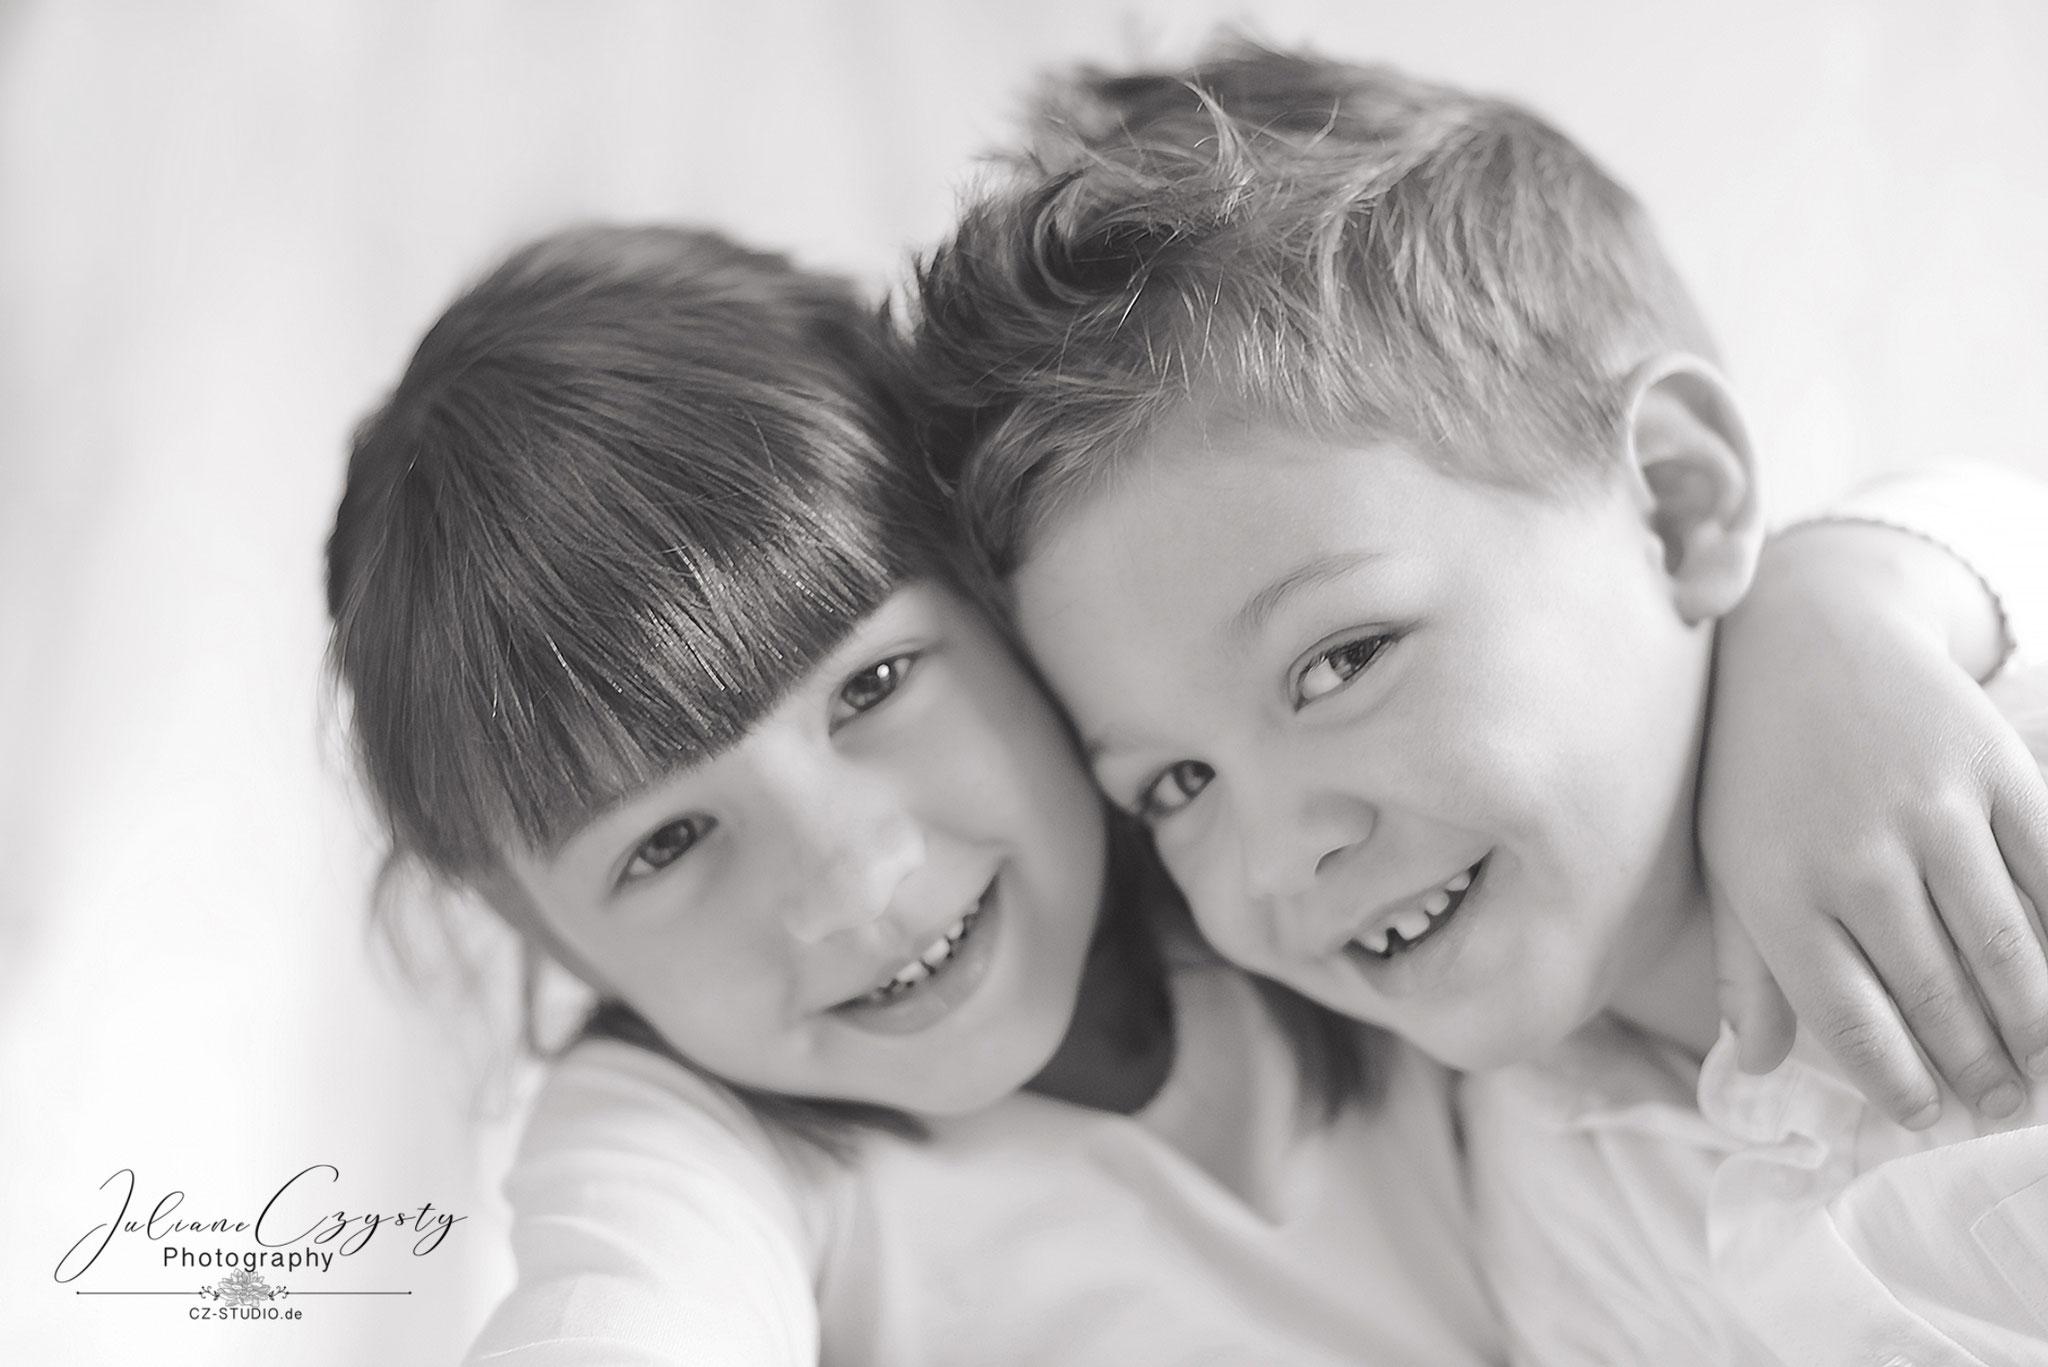 Geschwister-Shooting – Juliane Czysty, Fotografin in der Nähe von Rotenburg